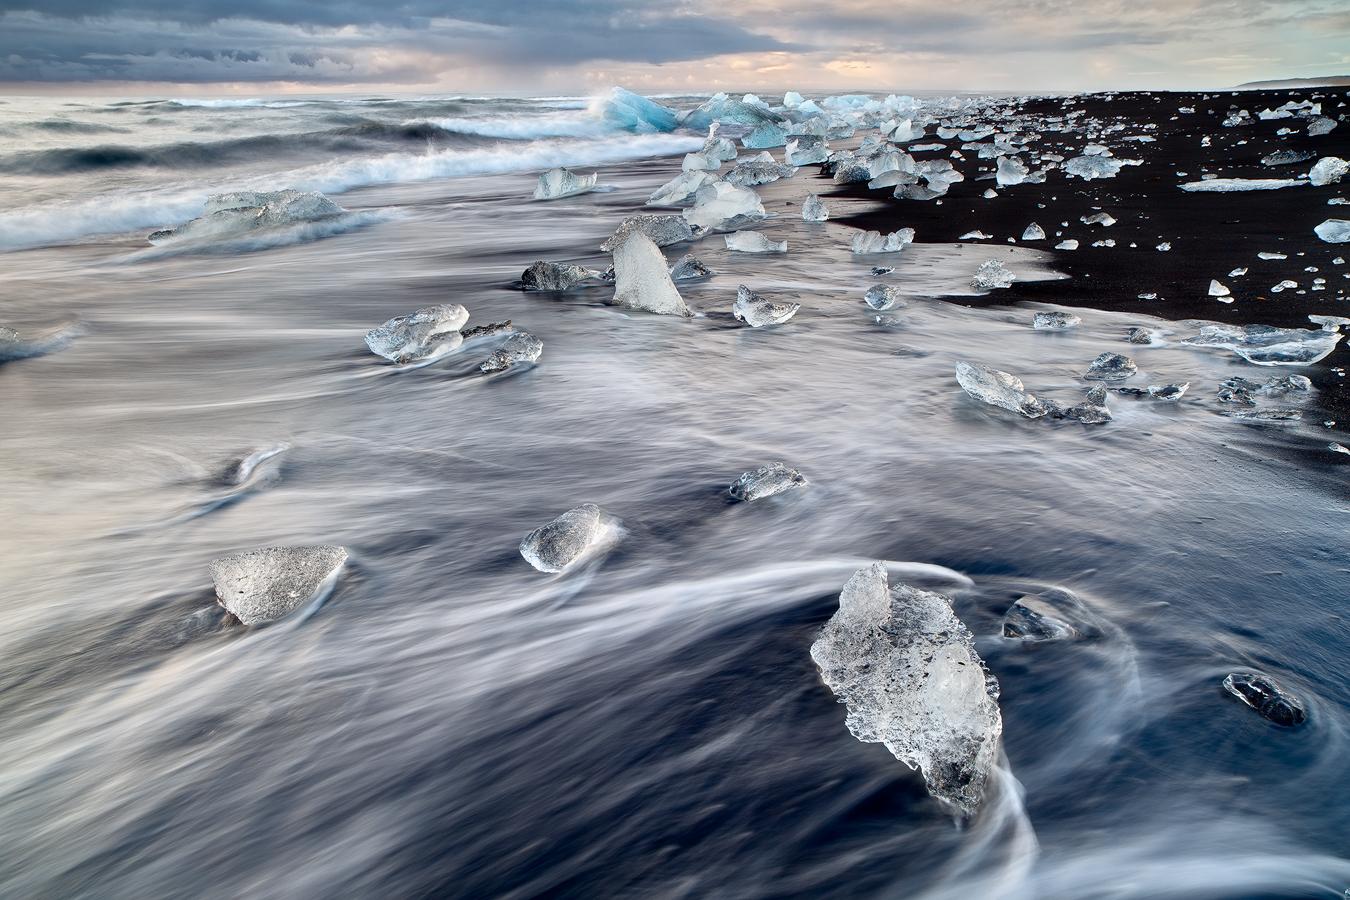 2-дневный тур по южному побережью | Йокульсарлон, восхождение на ледник и место крушения DC-3